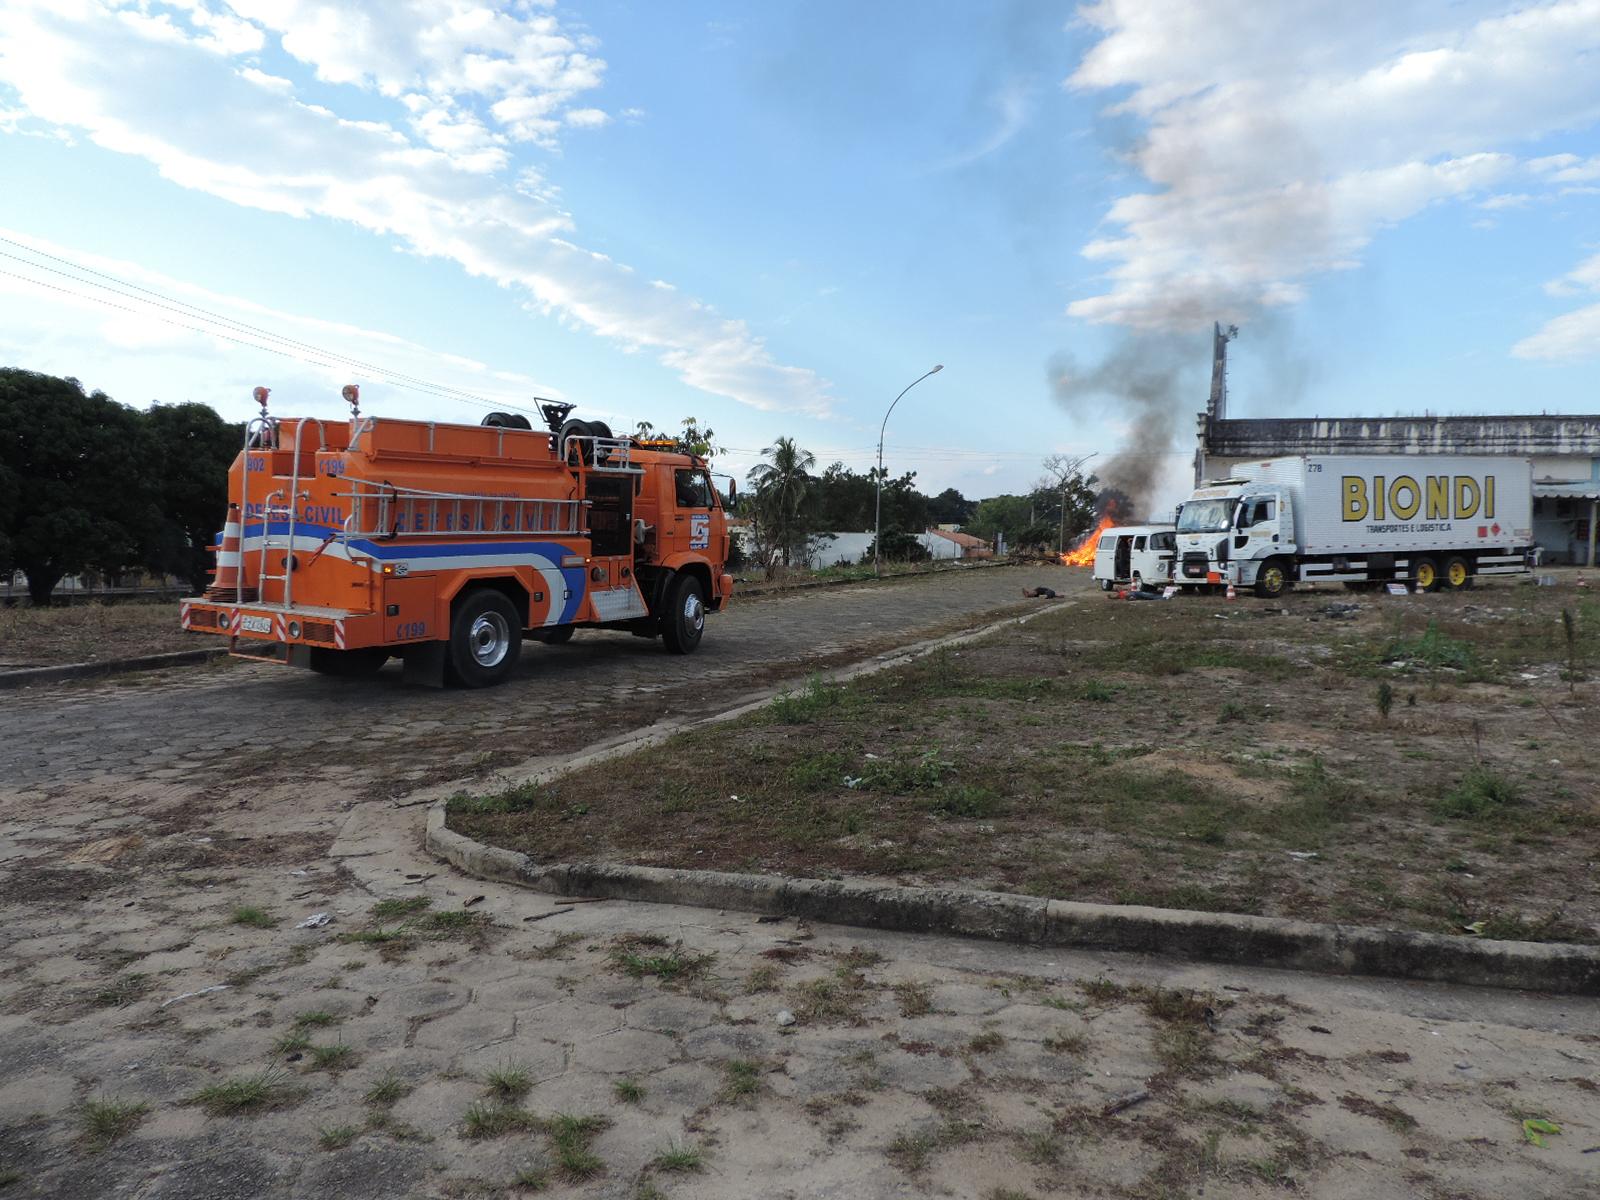 Caminhão da Defesa Civil utilizado no trabalho de treinamento em fábrica desativada em Lorena; preparação busca qualificar atendimento (Fotos: Rafaela Lourenço)